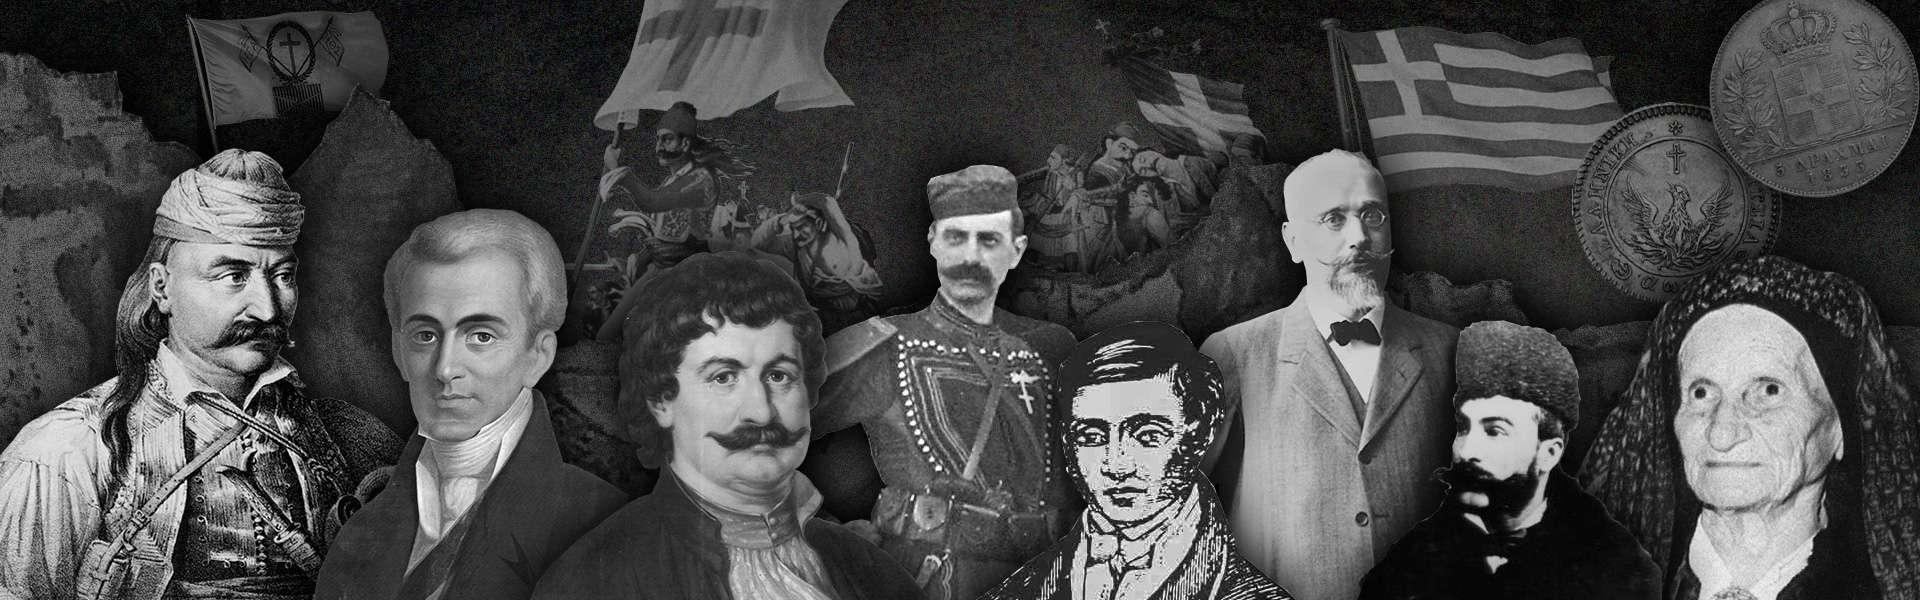 1821 Μουσείο Μπενάκη Βενιζέλος